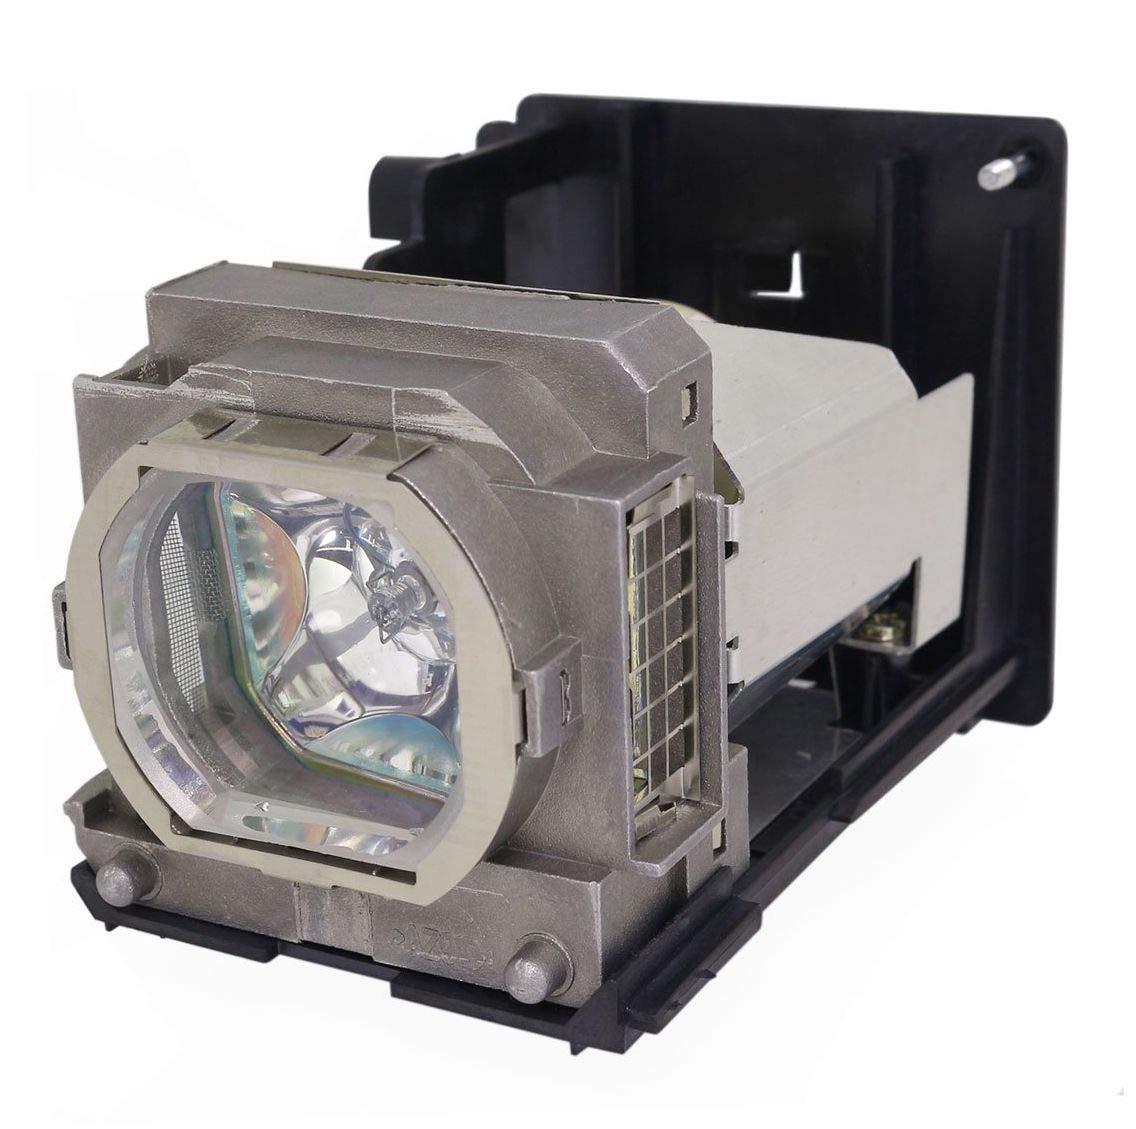 VLT-HC6800LP 915D116O13 VLTHC6800LP Professional Replacement Projector Lamp With Mitsubishi HC6800 HC6800U Projectors